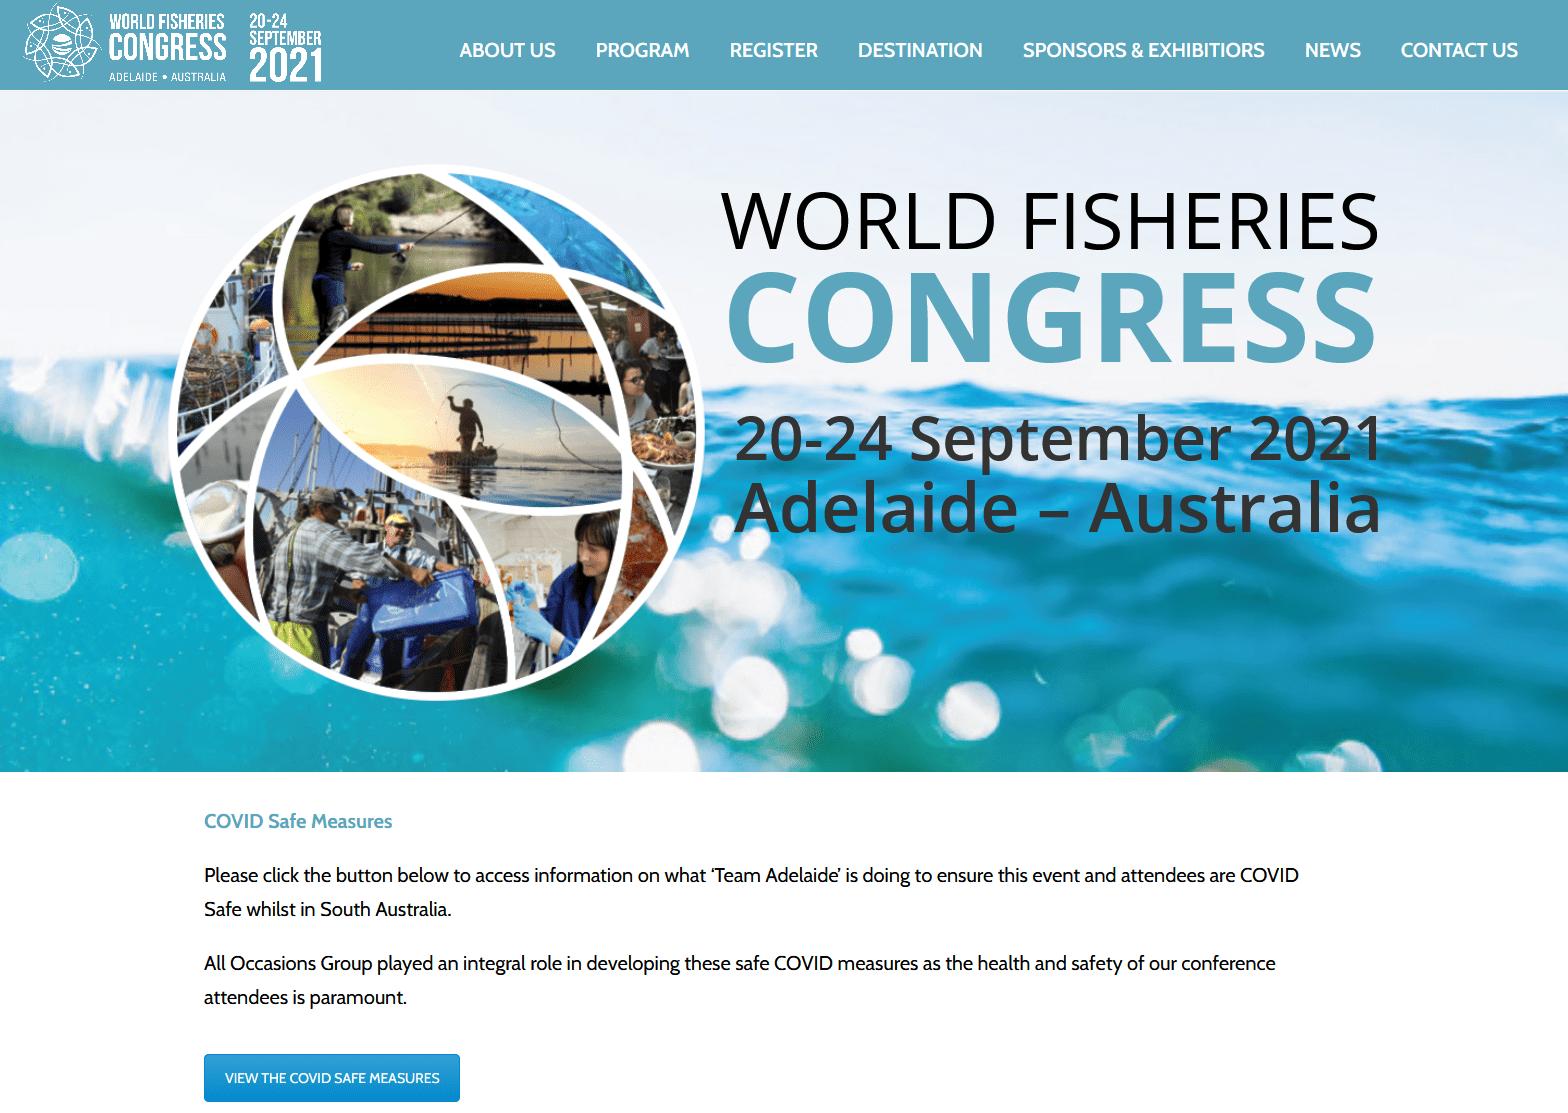 World Fisheries Congress 2021